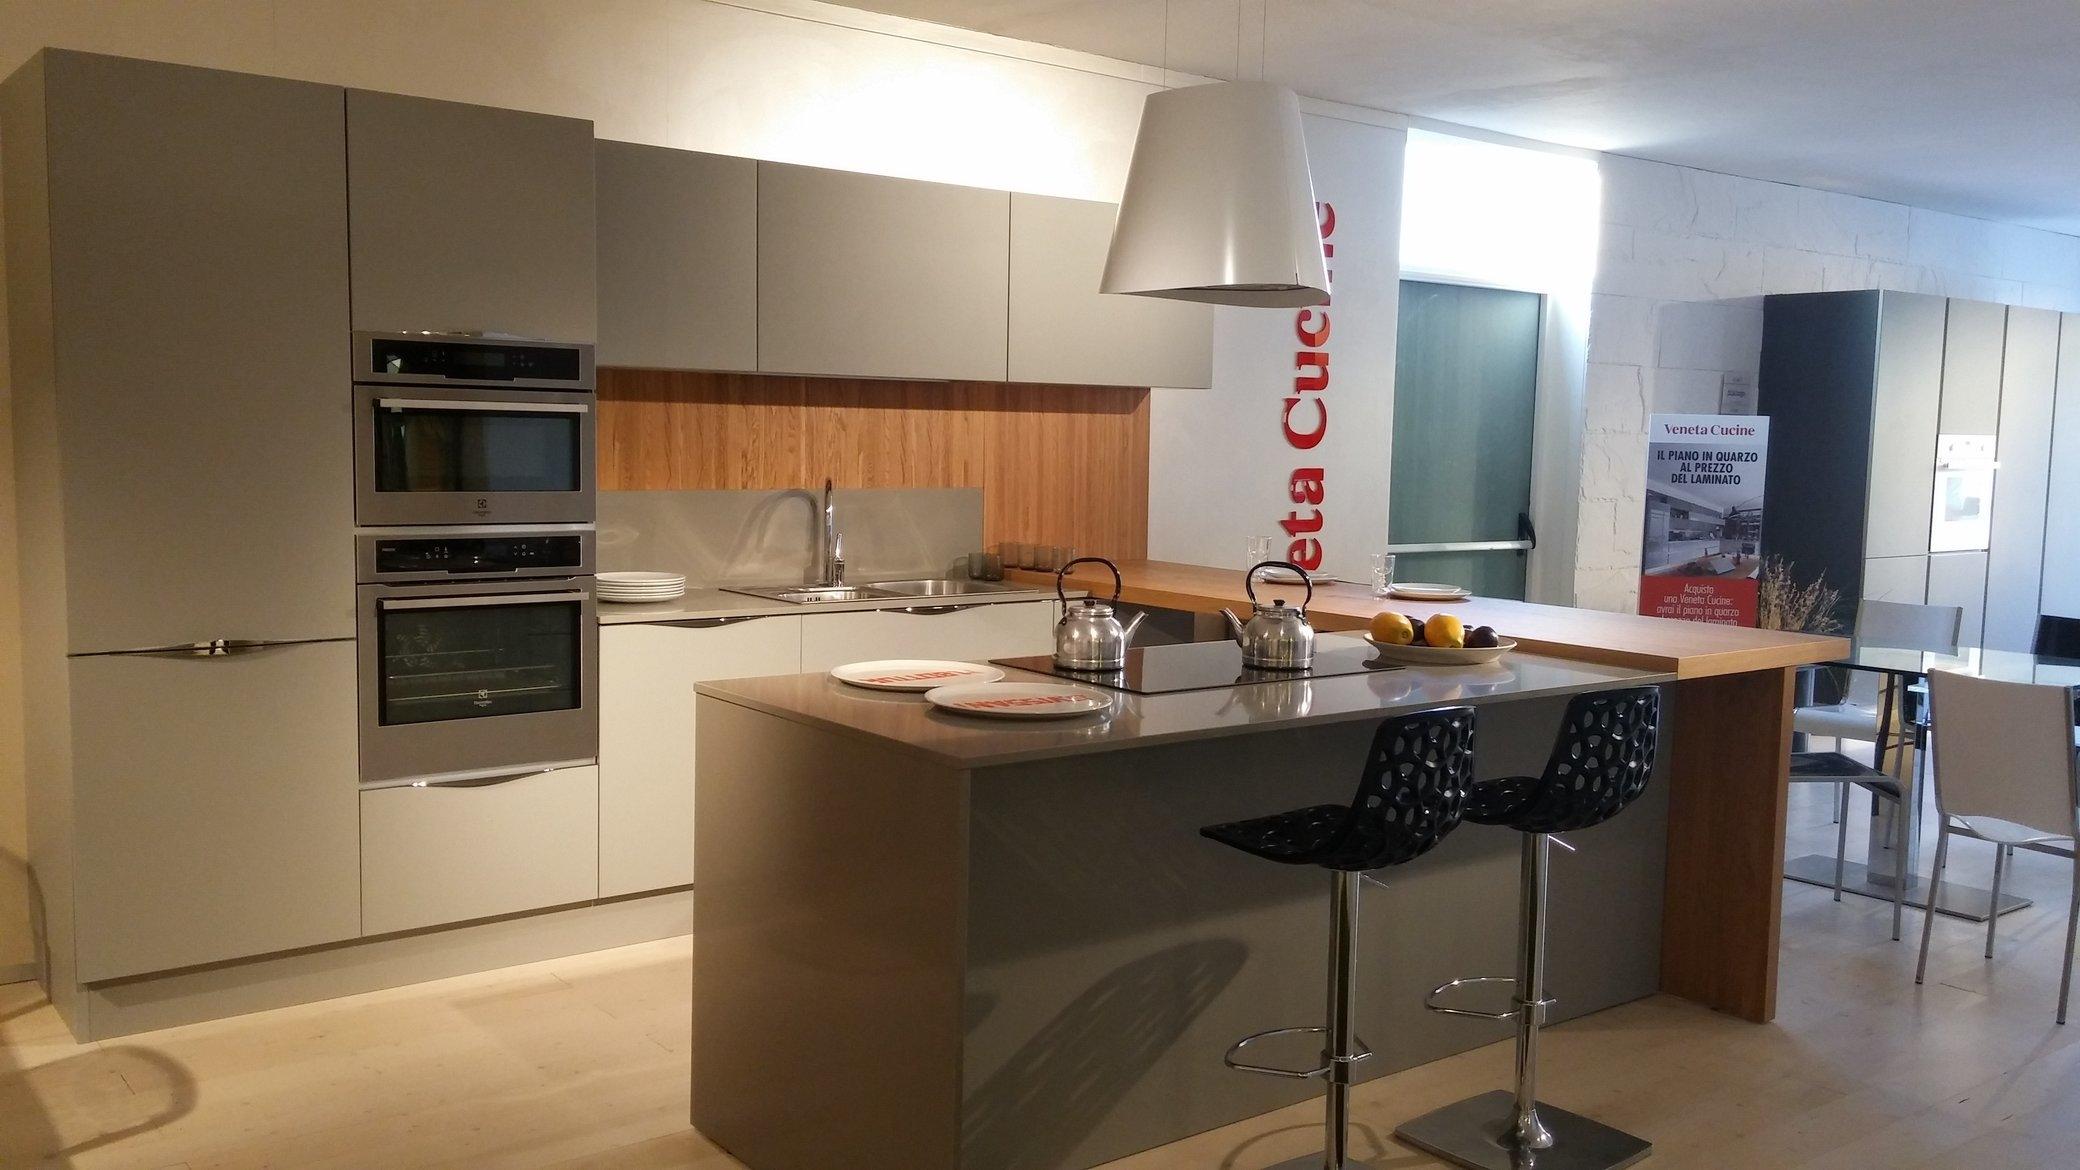 Veneta cucine cucina extra scontato del 51 cucine a for Immagini per cucina